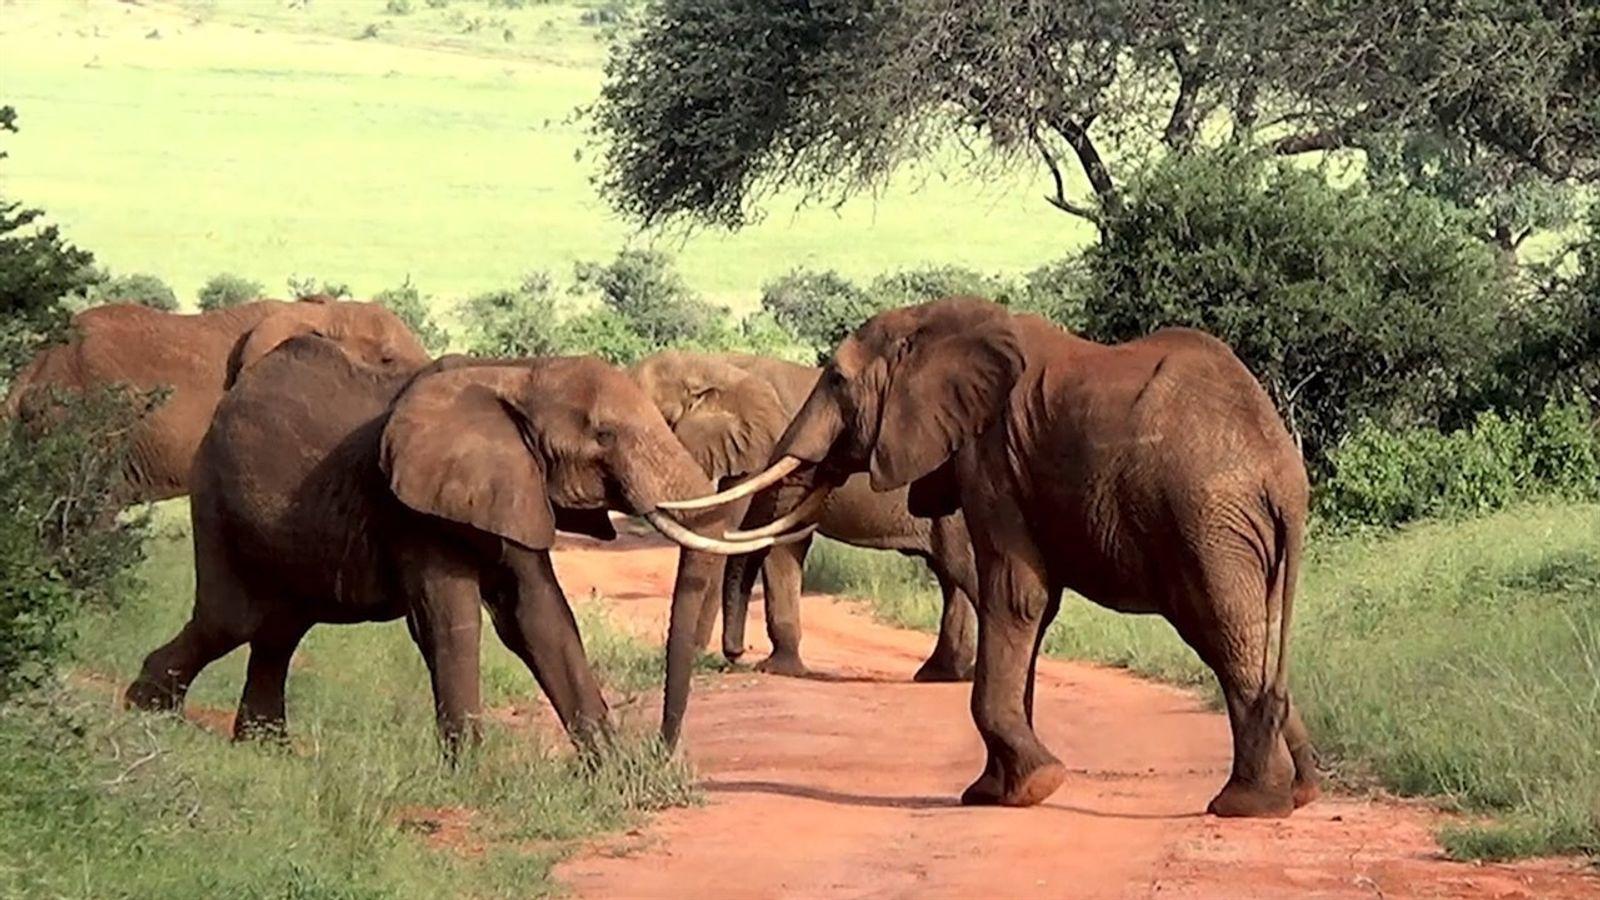 Em cena rara, cinco elefantes são vistos brigando